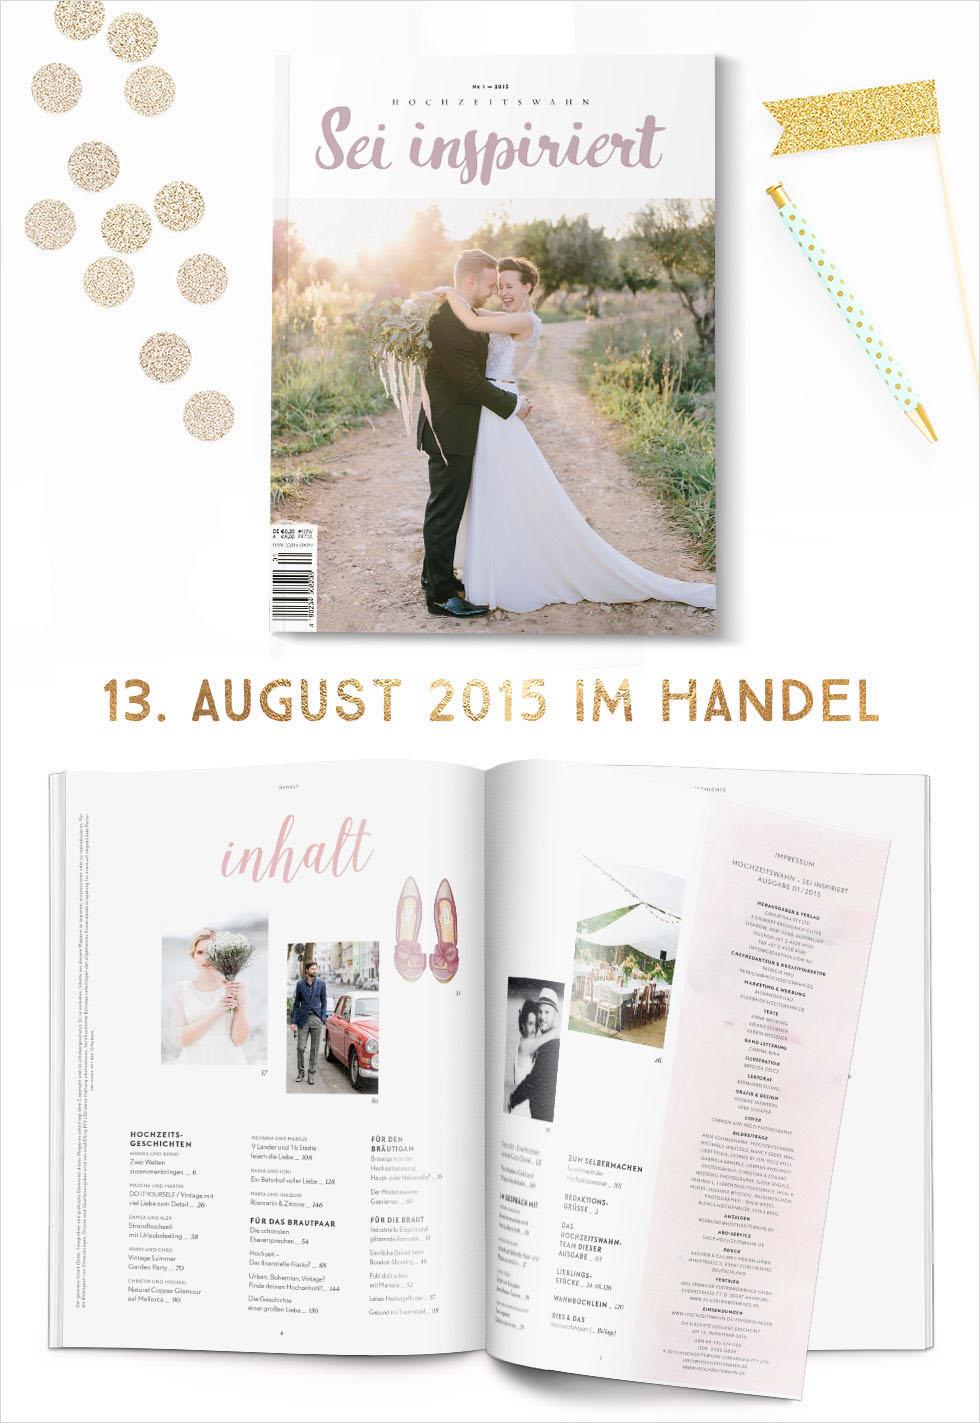 Hochzeitswahn Magazin - nur noch wenige Tage